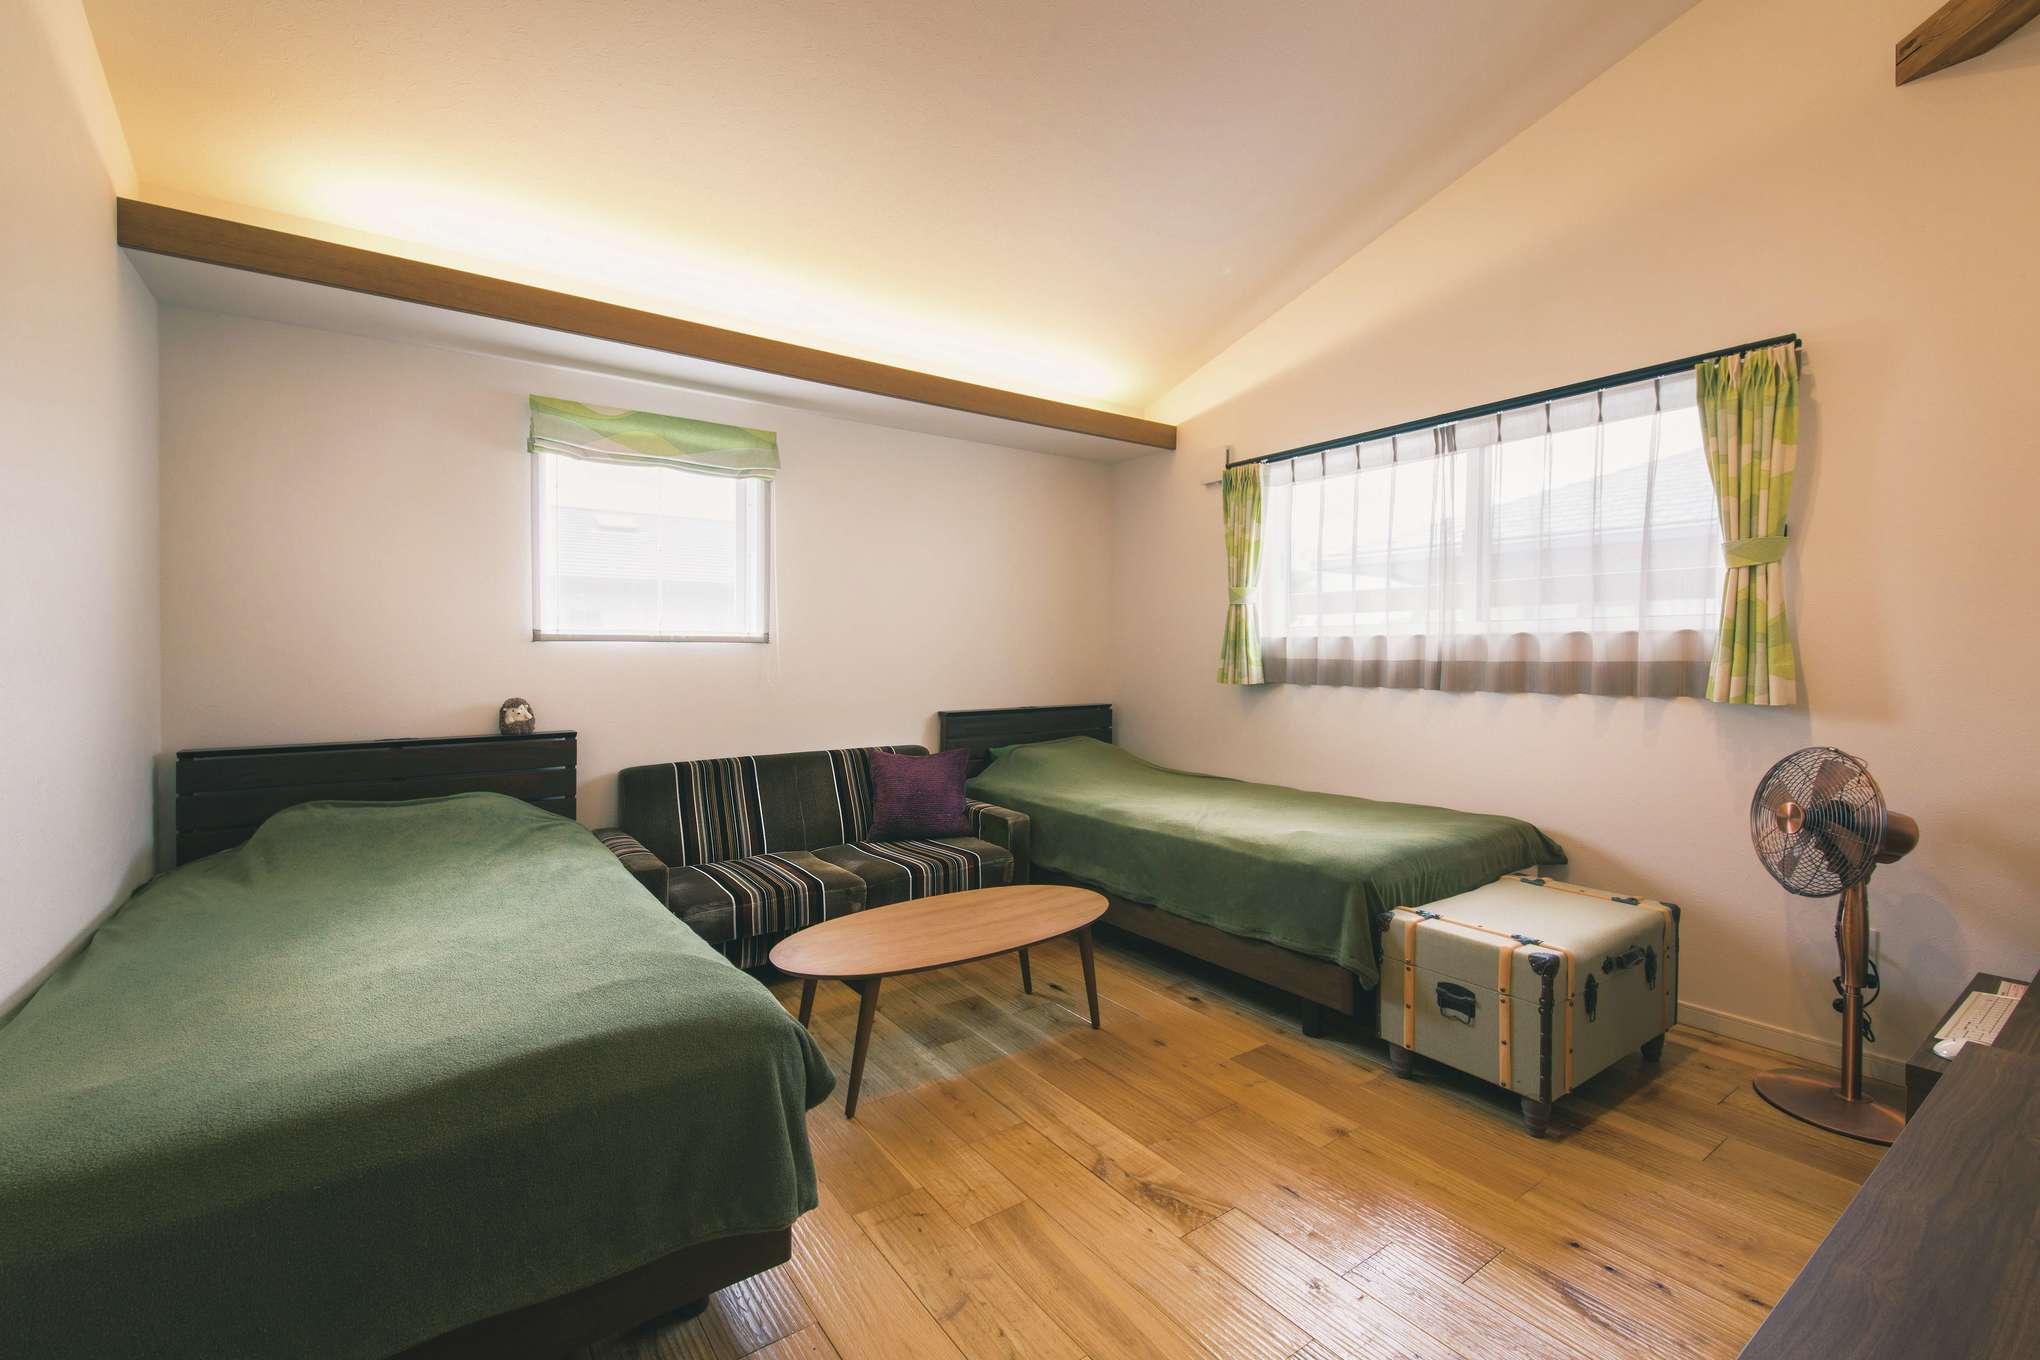 宮下工務店【デザイン住宅、間取り、インテリア】2階の寝室。木目を浮き立たせた無垢の床の質感が心地よい